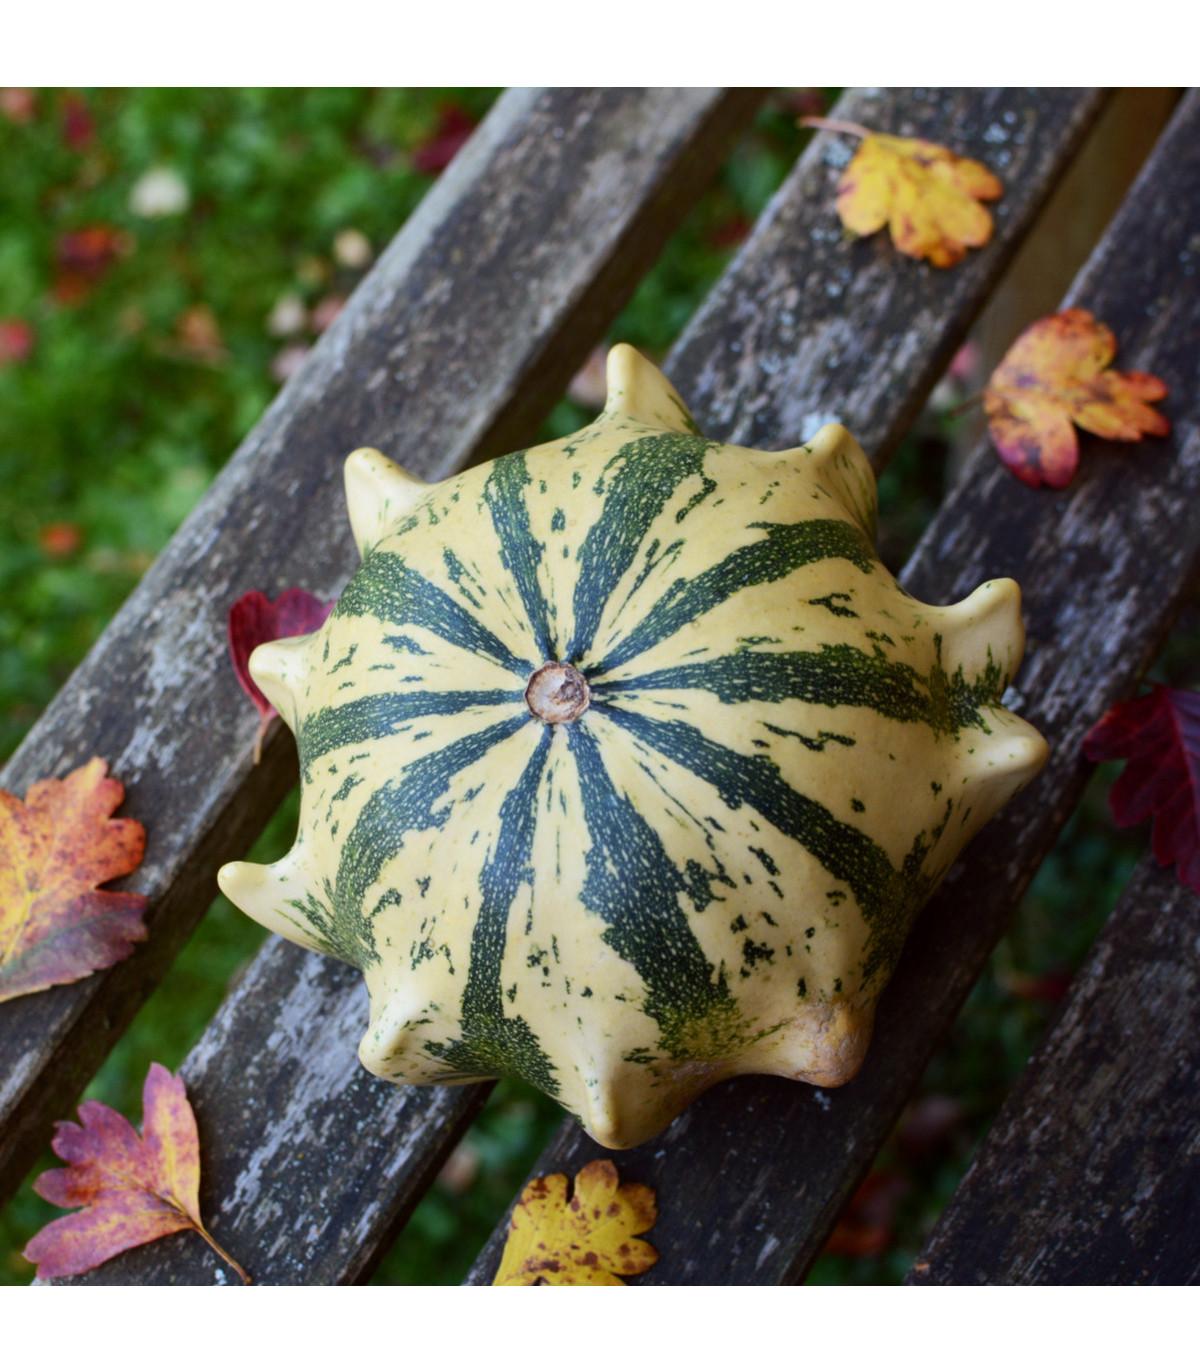 Okrasné tykvičky Koruna směs - prodej okrasných tykviček - semena - 40 ks